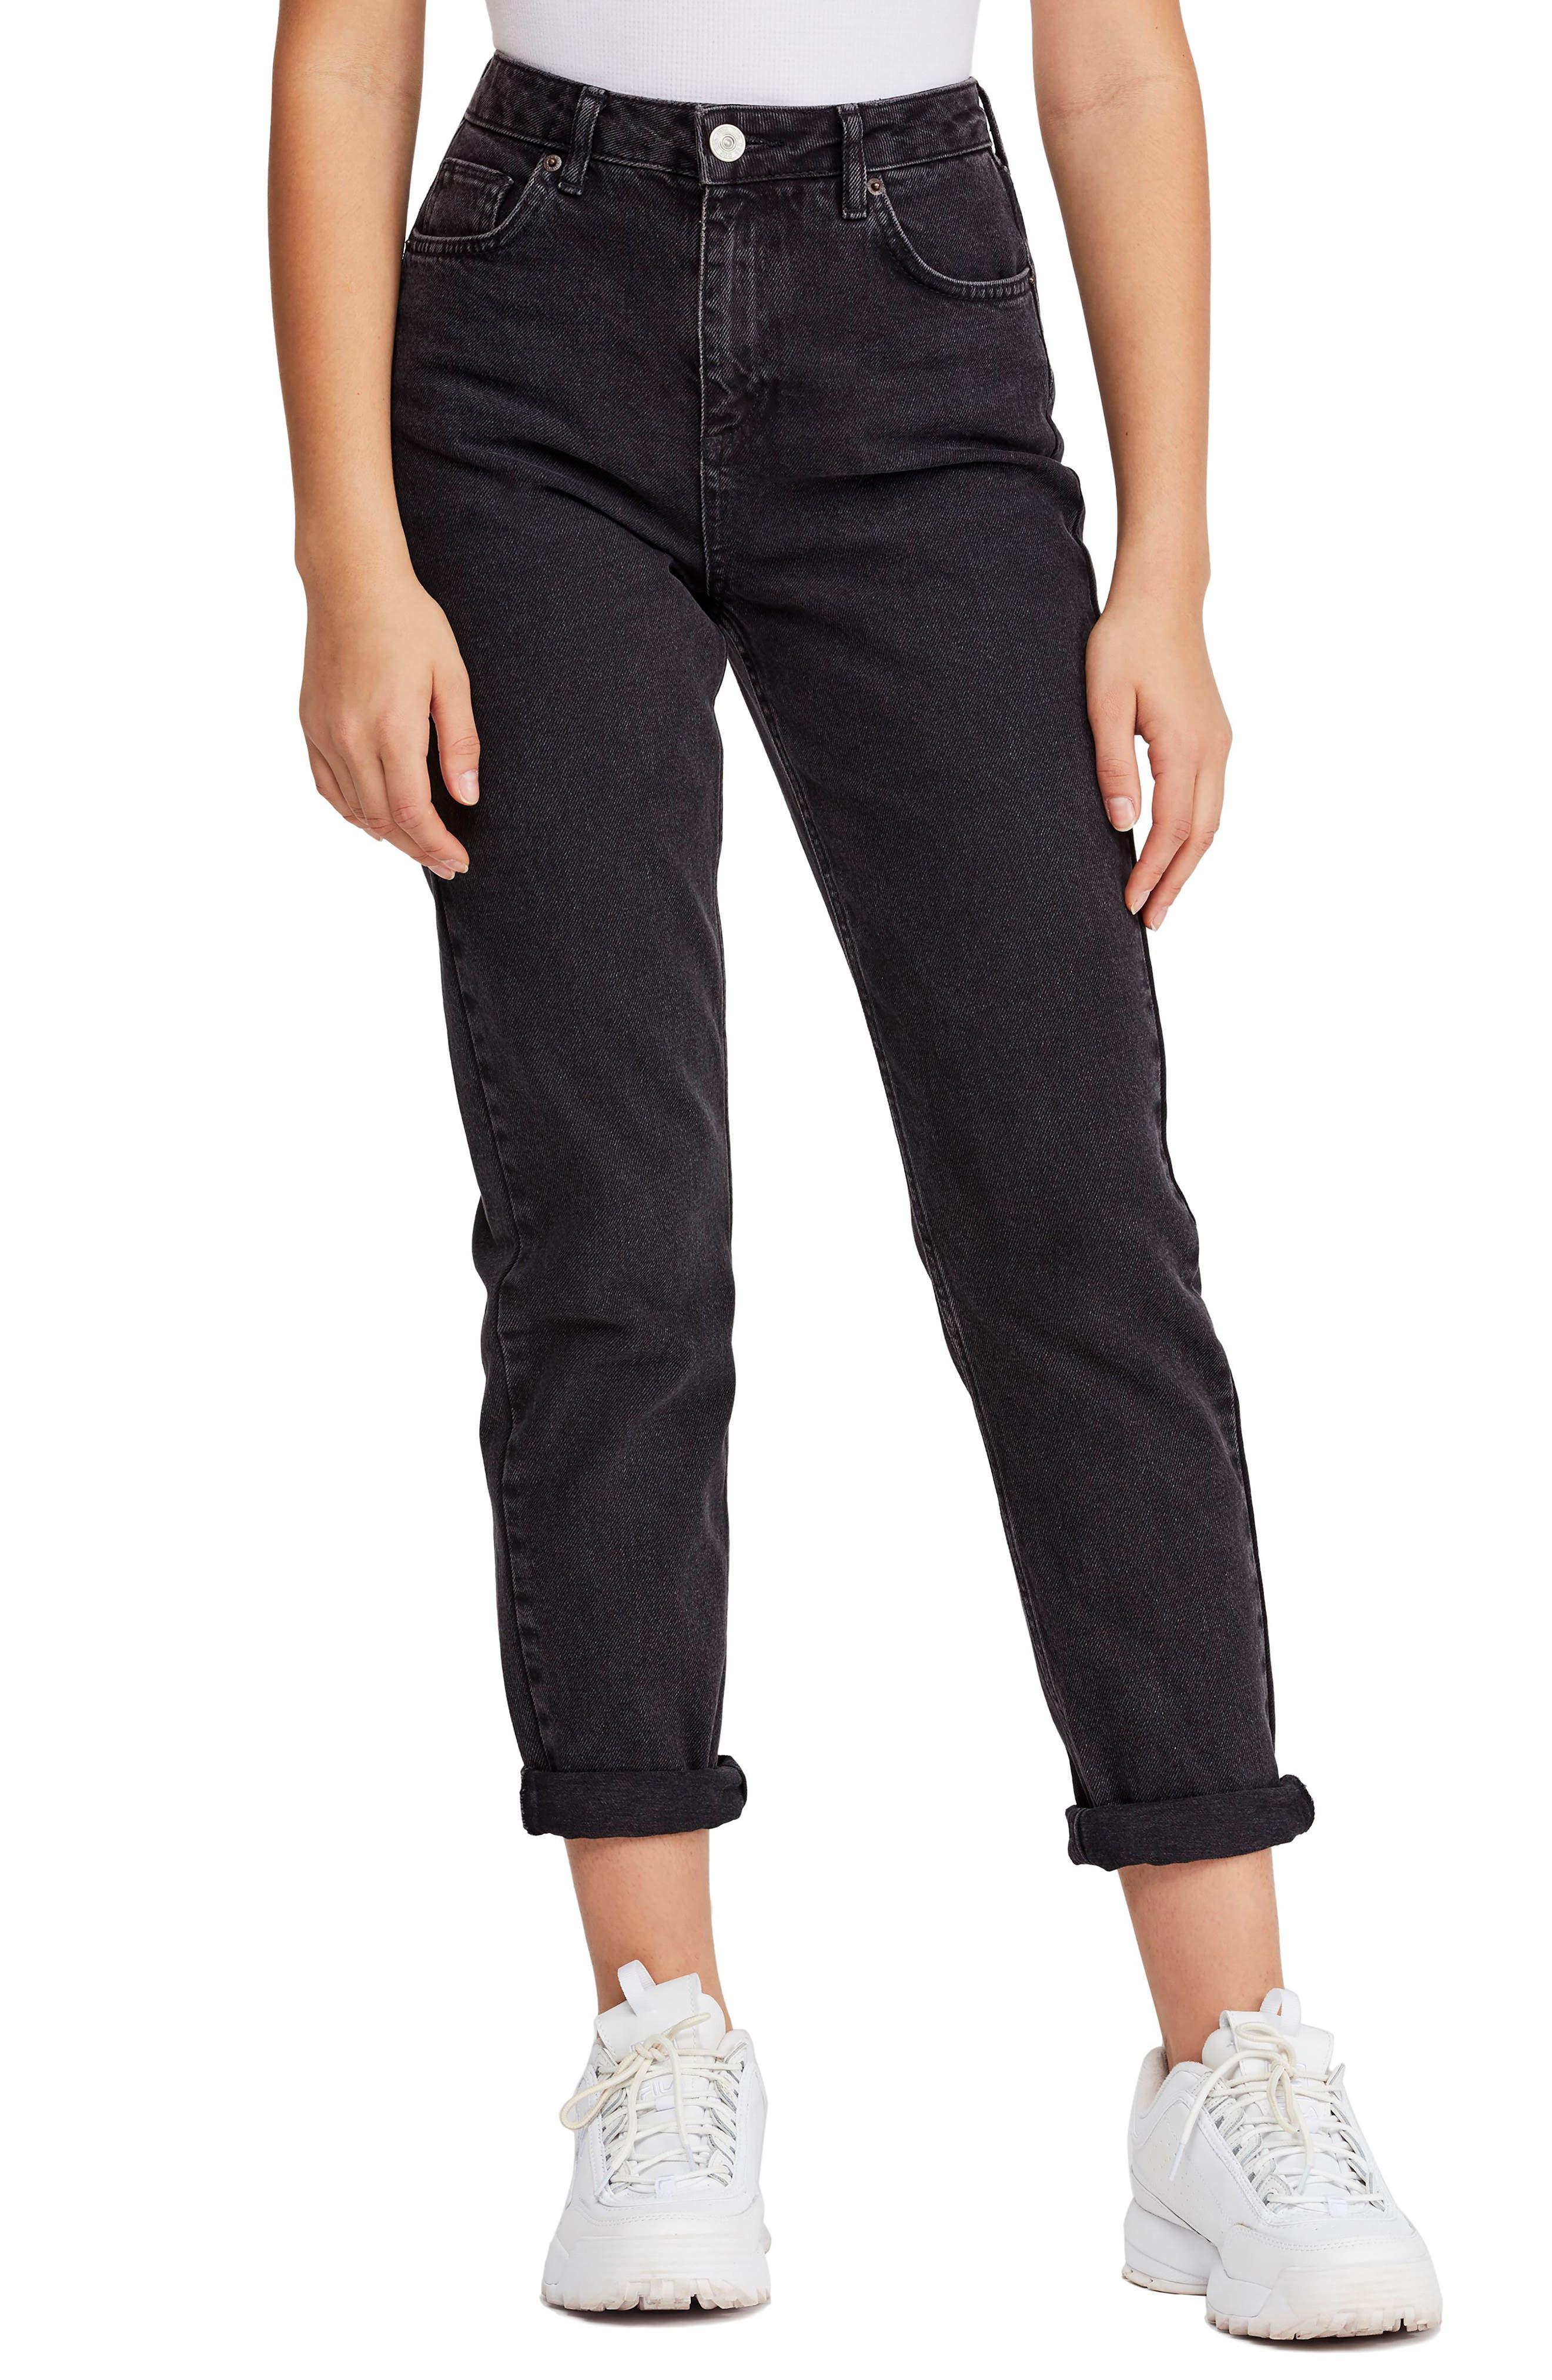 3e27ded142c0ae Women's BDG Clothing | Nordstrom